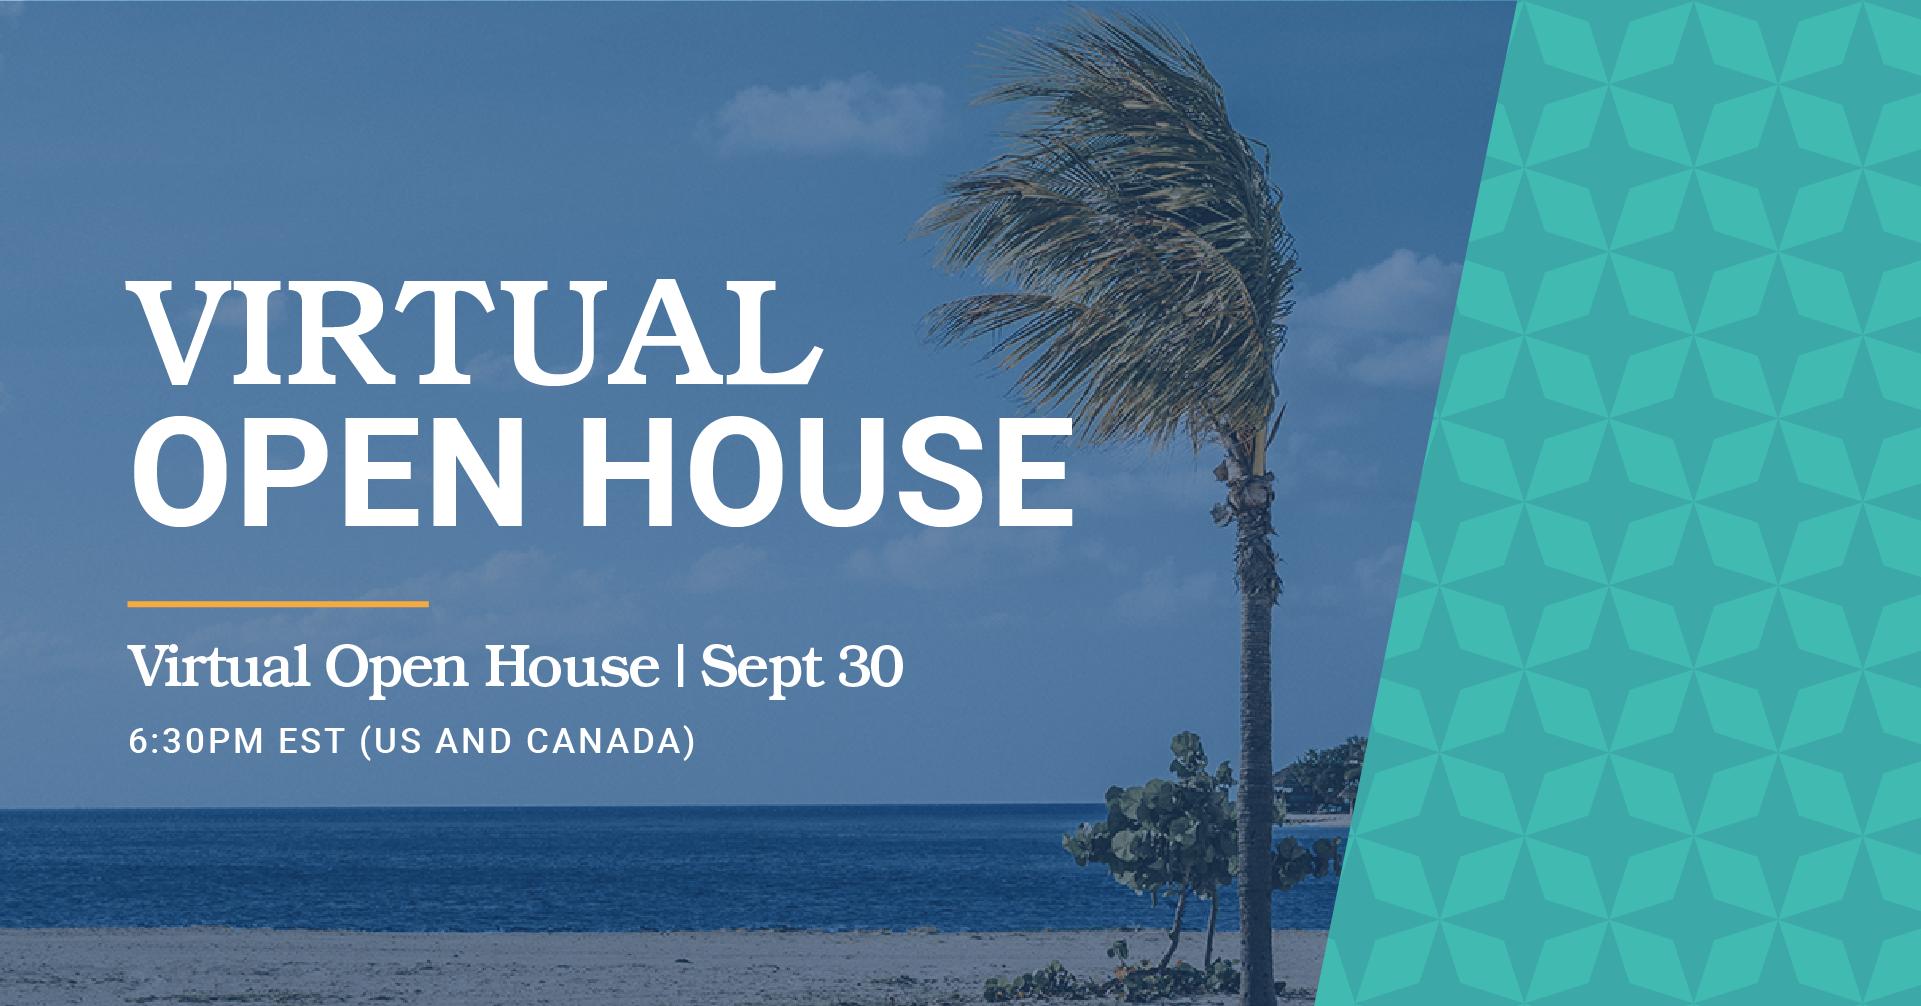 Virtual Open House - Zoom - Sep 30 - 6:30pm EST